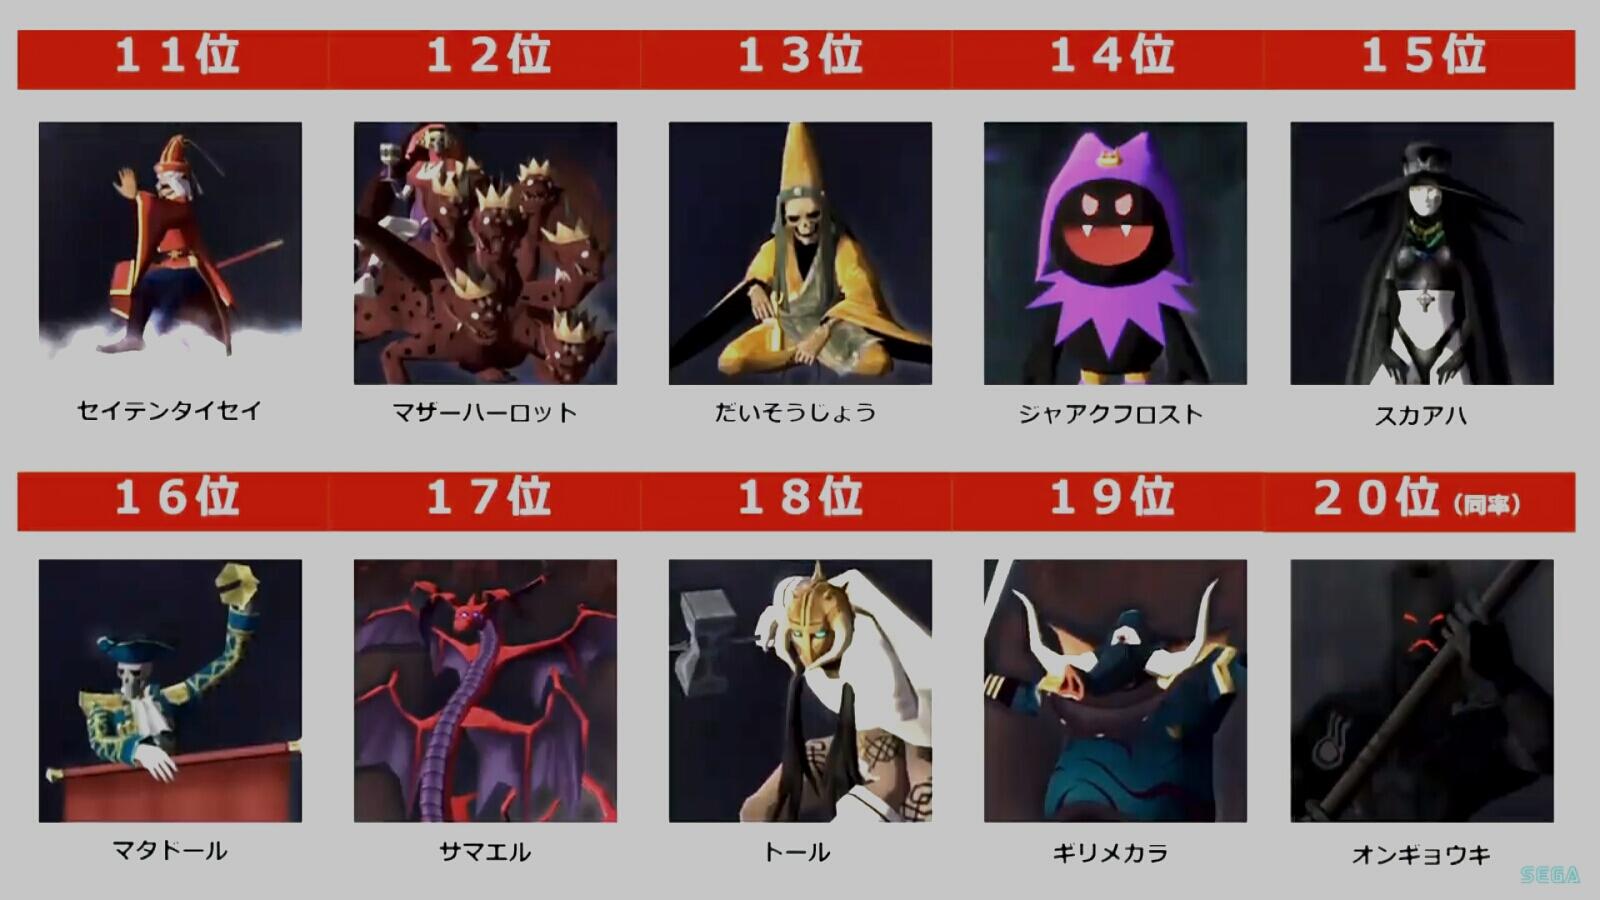 梶田氏の好きな悪魔の話をしている時に、松澤氏が「てっきりマーラ様かと思った」という発言が意味深だった